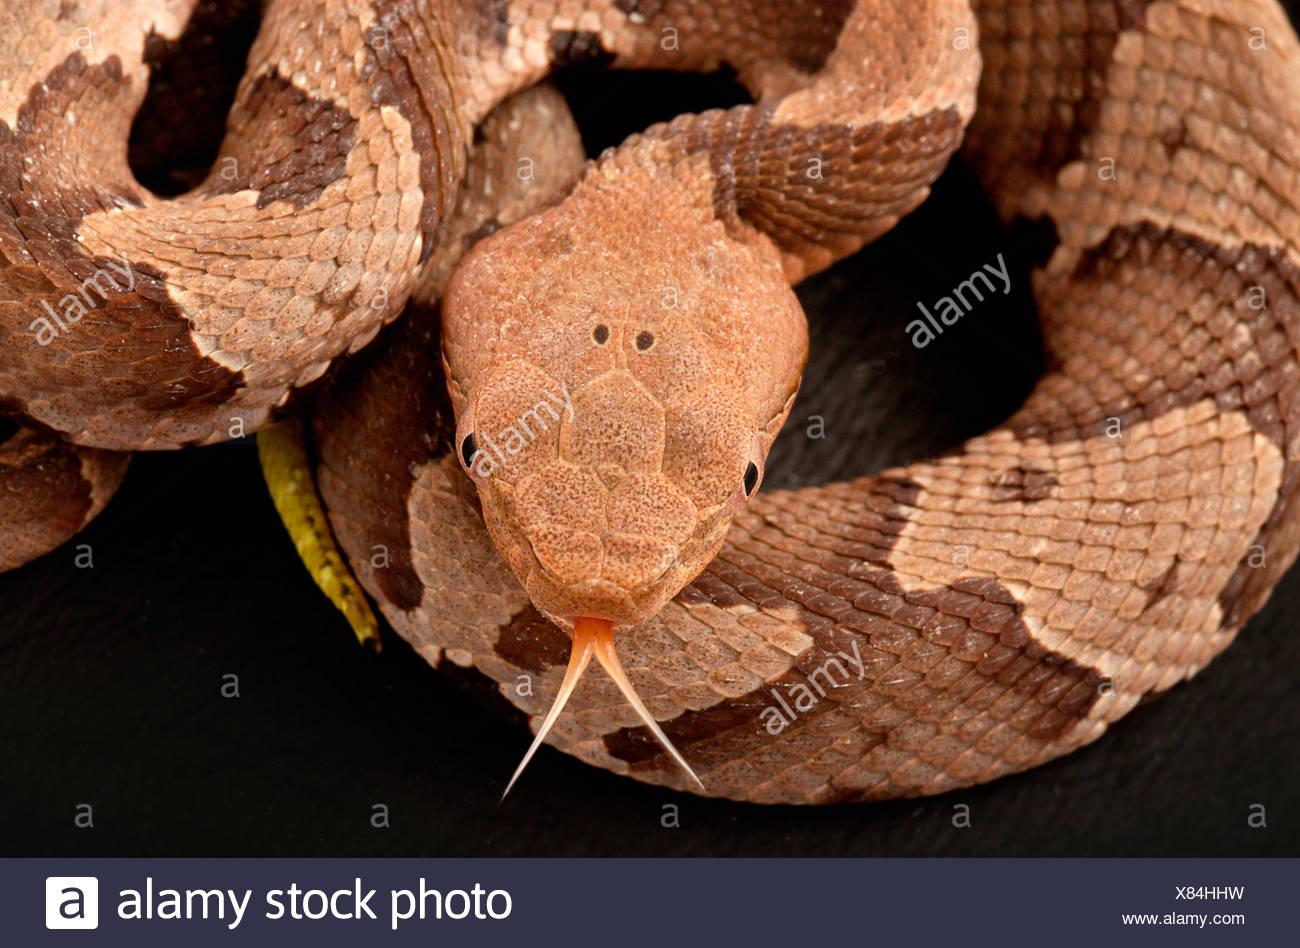 Le sud du serpent Agkistrodon contortrix copperhead, Photo Stock